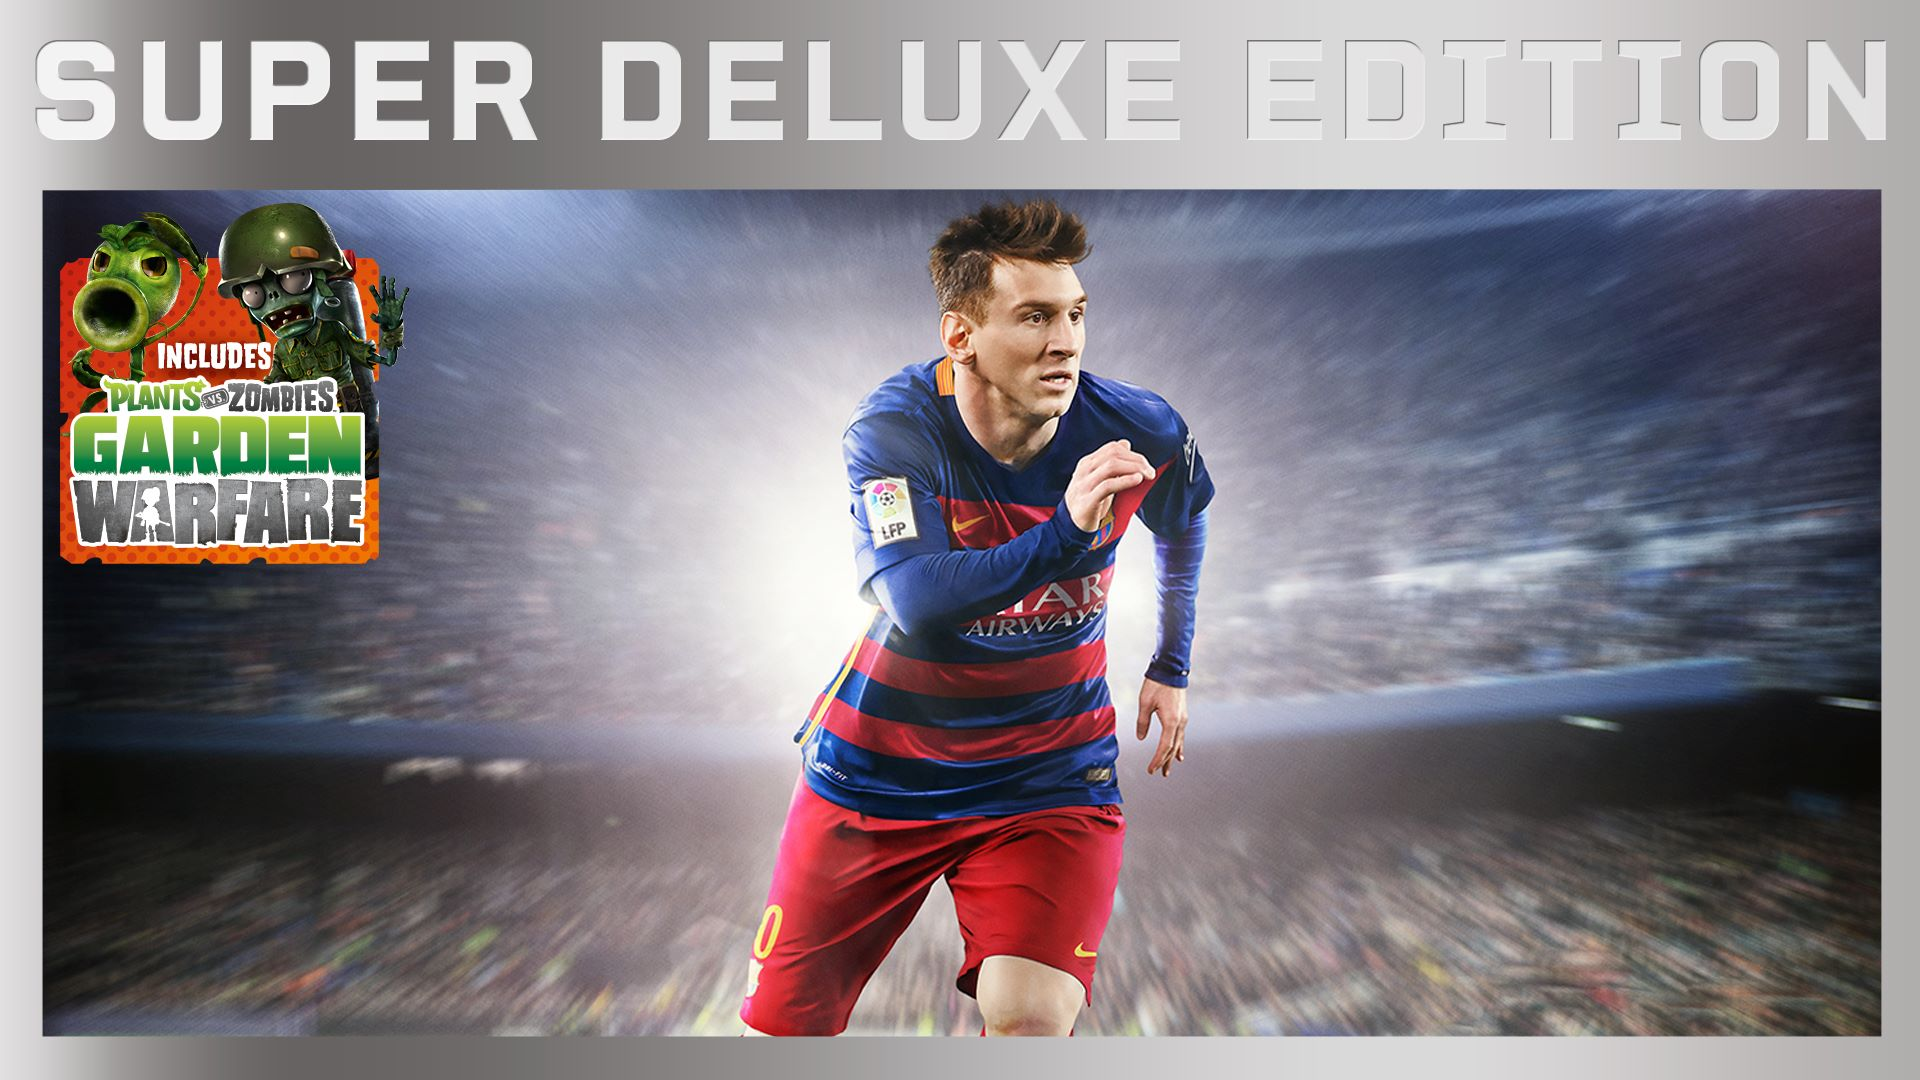 FIFA 16 Super Deluxe Edition